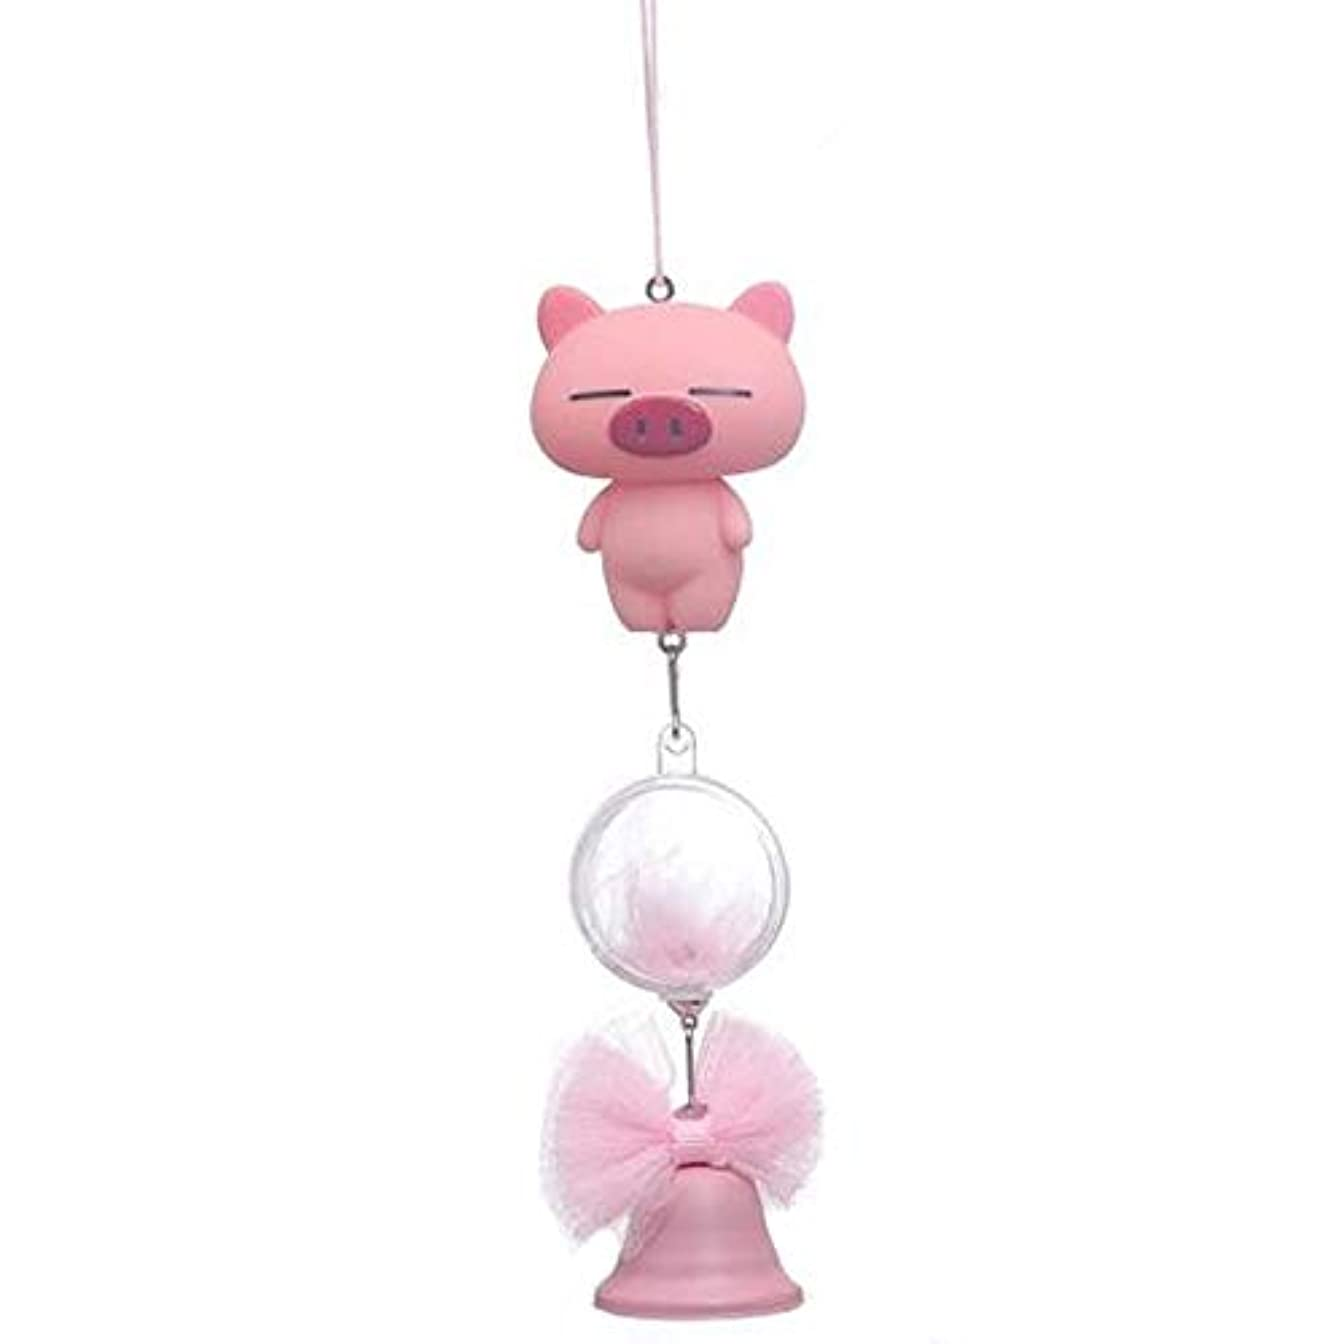 王子吸収剤処分したAishanghuayi 風チャイム、シリコーン素材クリエイティブ豚の風チャイム、パープル、全身について27cmの,ファッションオーナメント (Color : Pink)